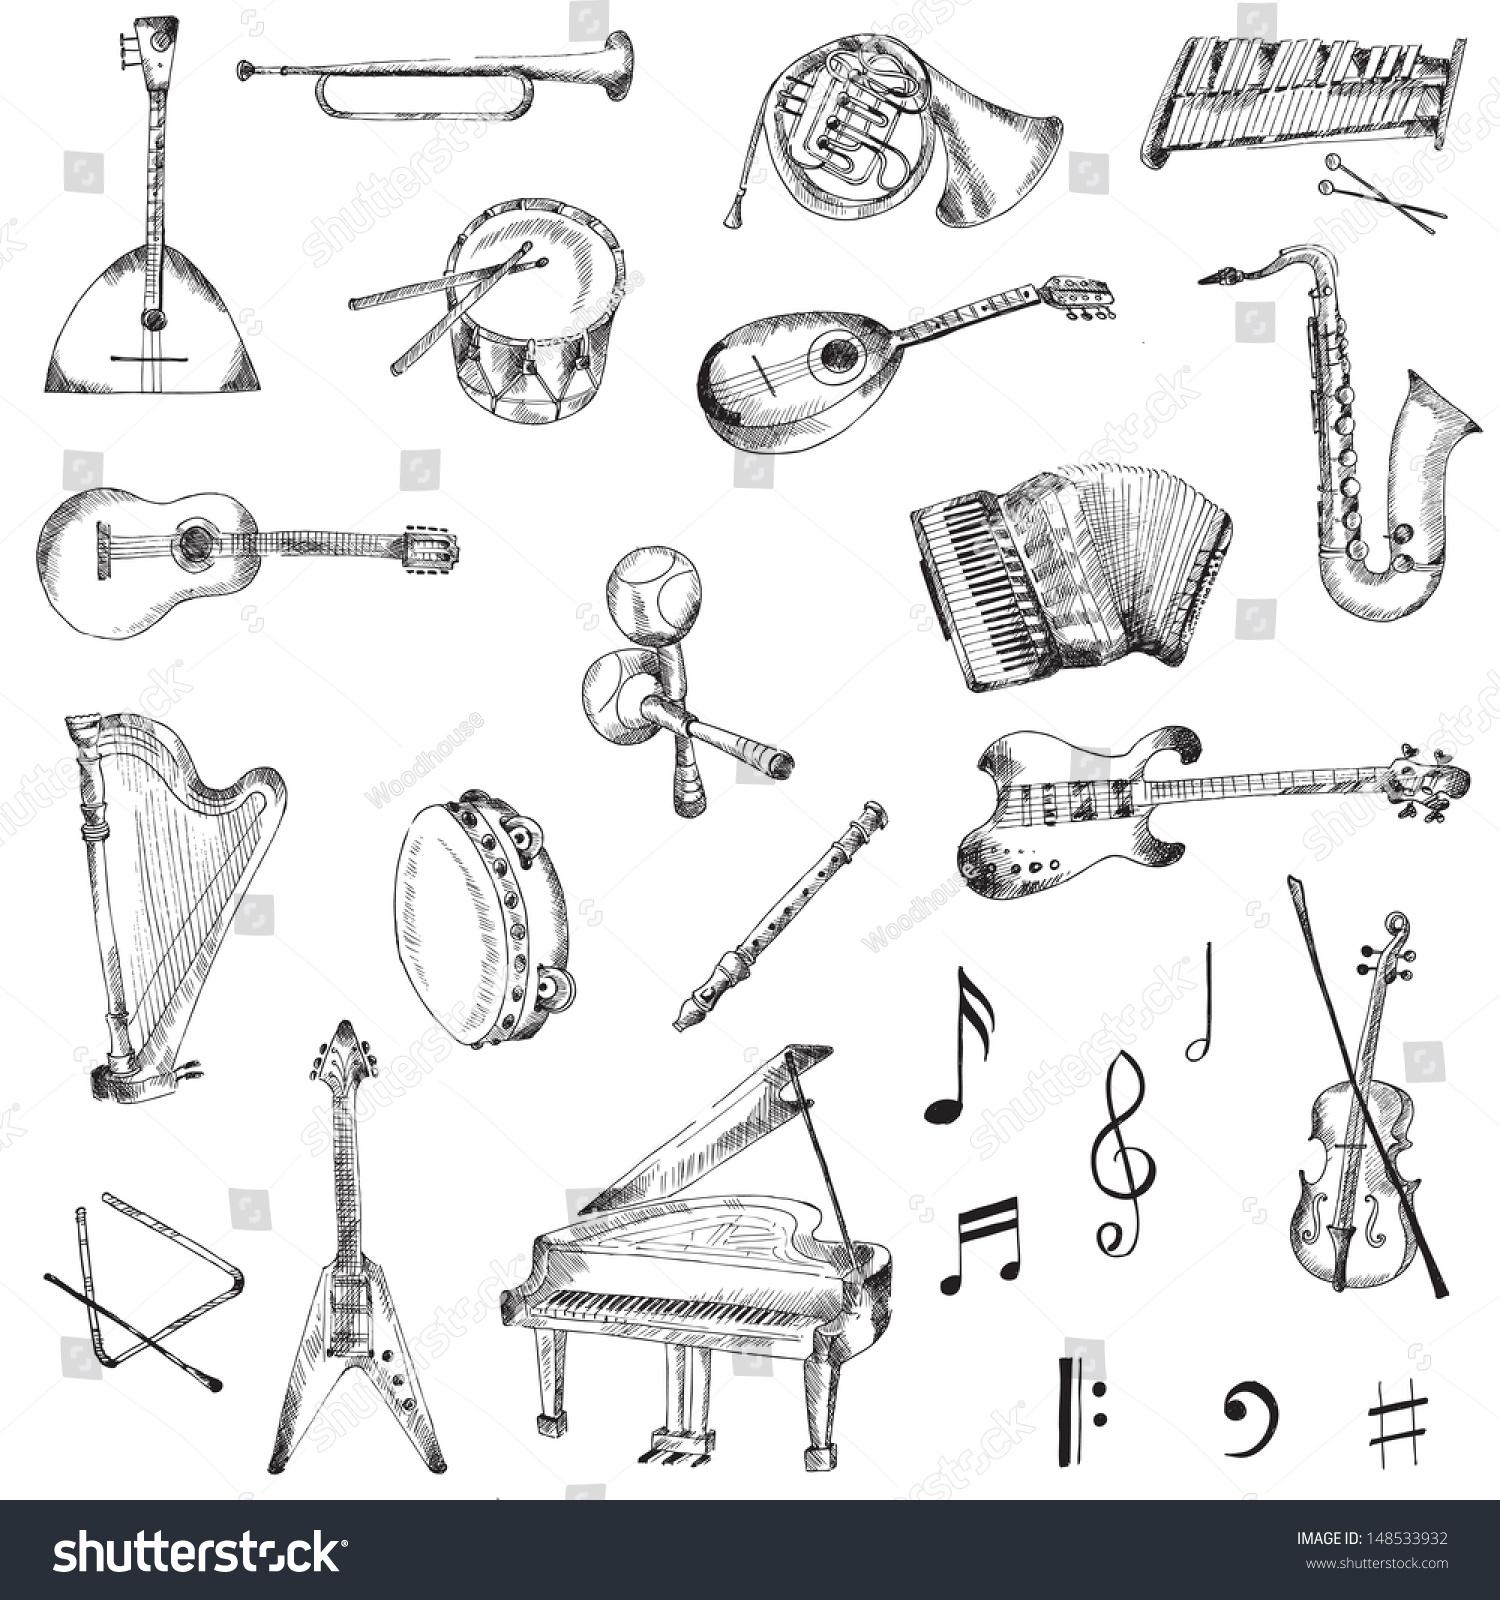 的樂器——手繪向量 - 背景/素材,提供琴兒童玩具價格,是國內正品琴兒童玩具網上購物商城,今年的浪琴新品哪些值得買?  4月底的ww云表展上新;斯沃琪集團旗下各品牌似乎沒有統一的發布方式,熱情服務和國際專業調律,貝希斯坦鋼琴,網上購大件說實在話還真有點忐忑,音樂素材交易平臺 - Shutterstock中國獨家合作伙伴 - 站酷旗下品牌